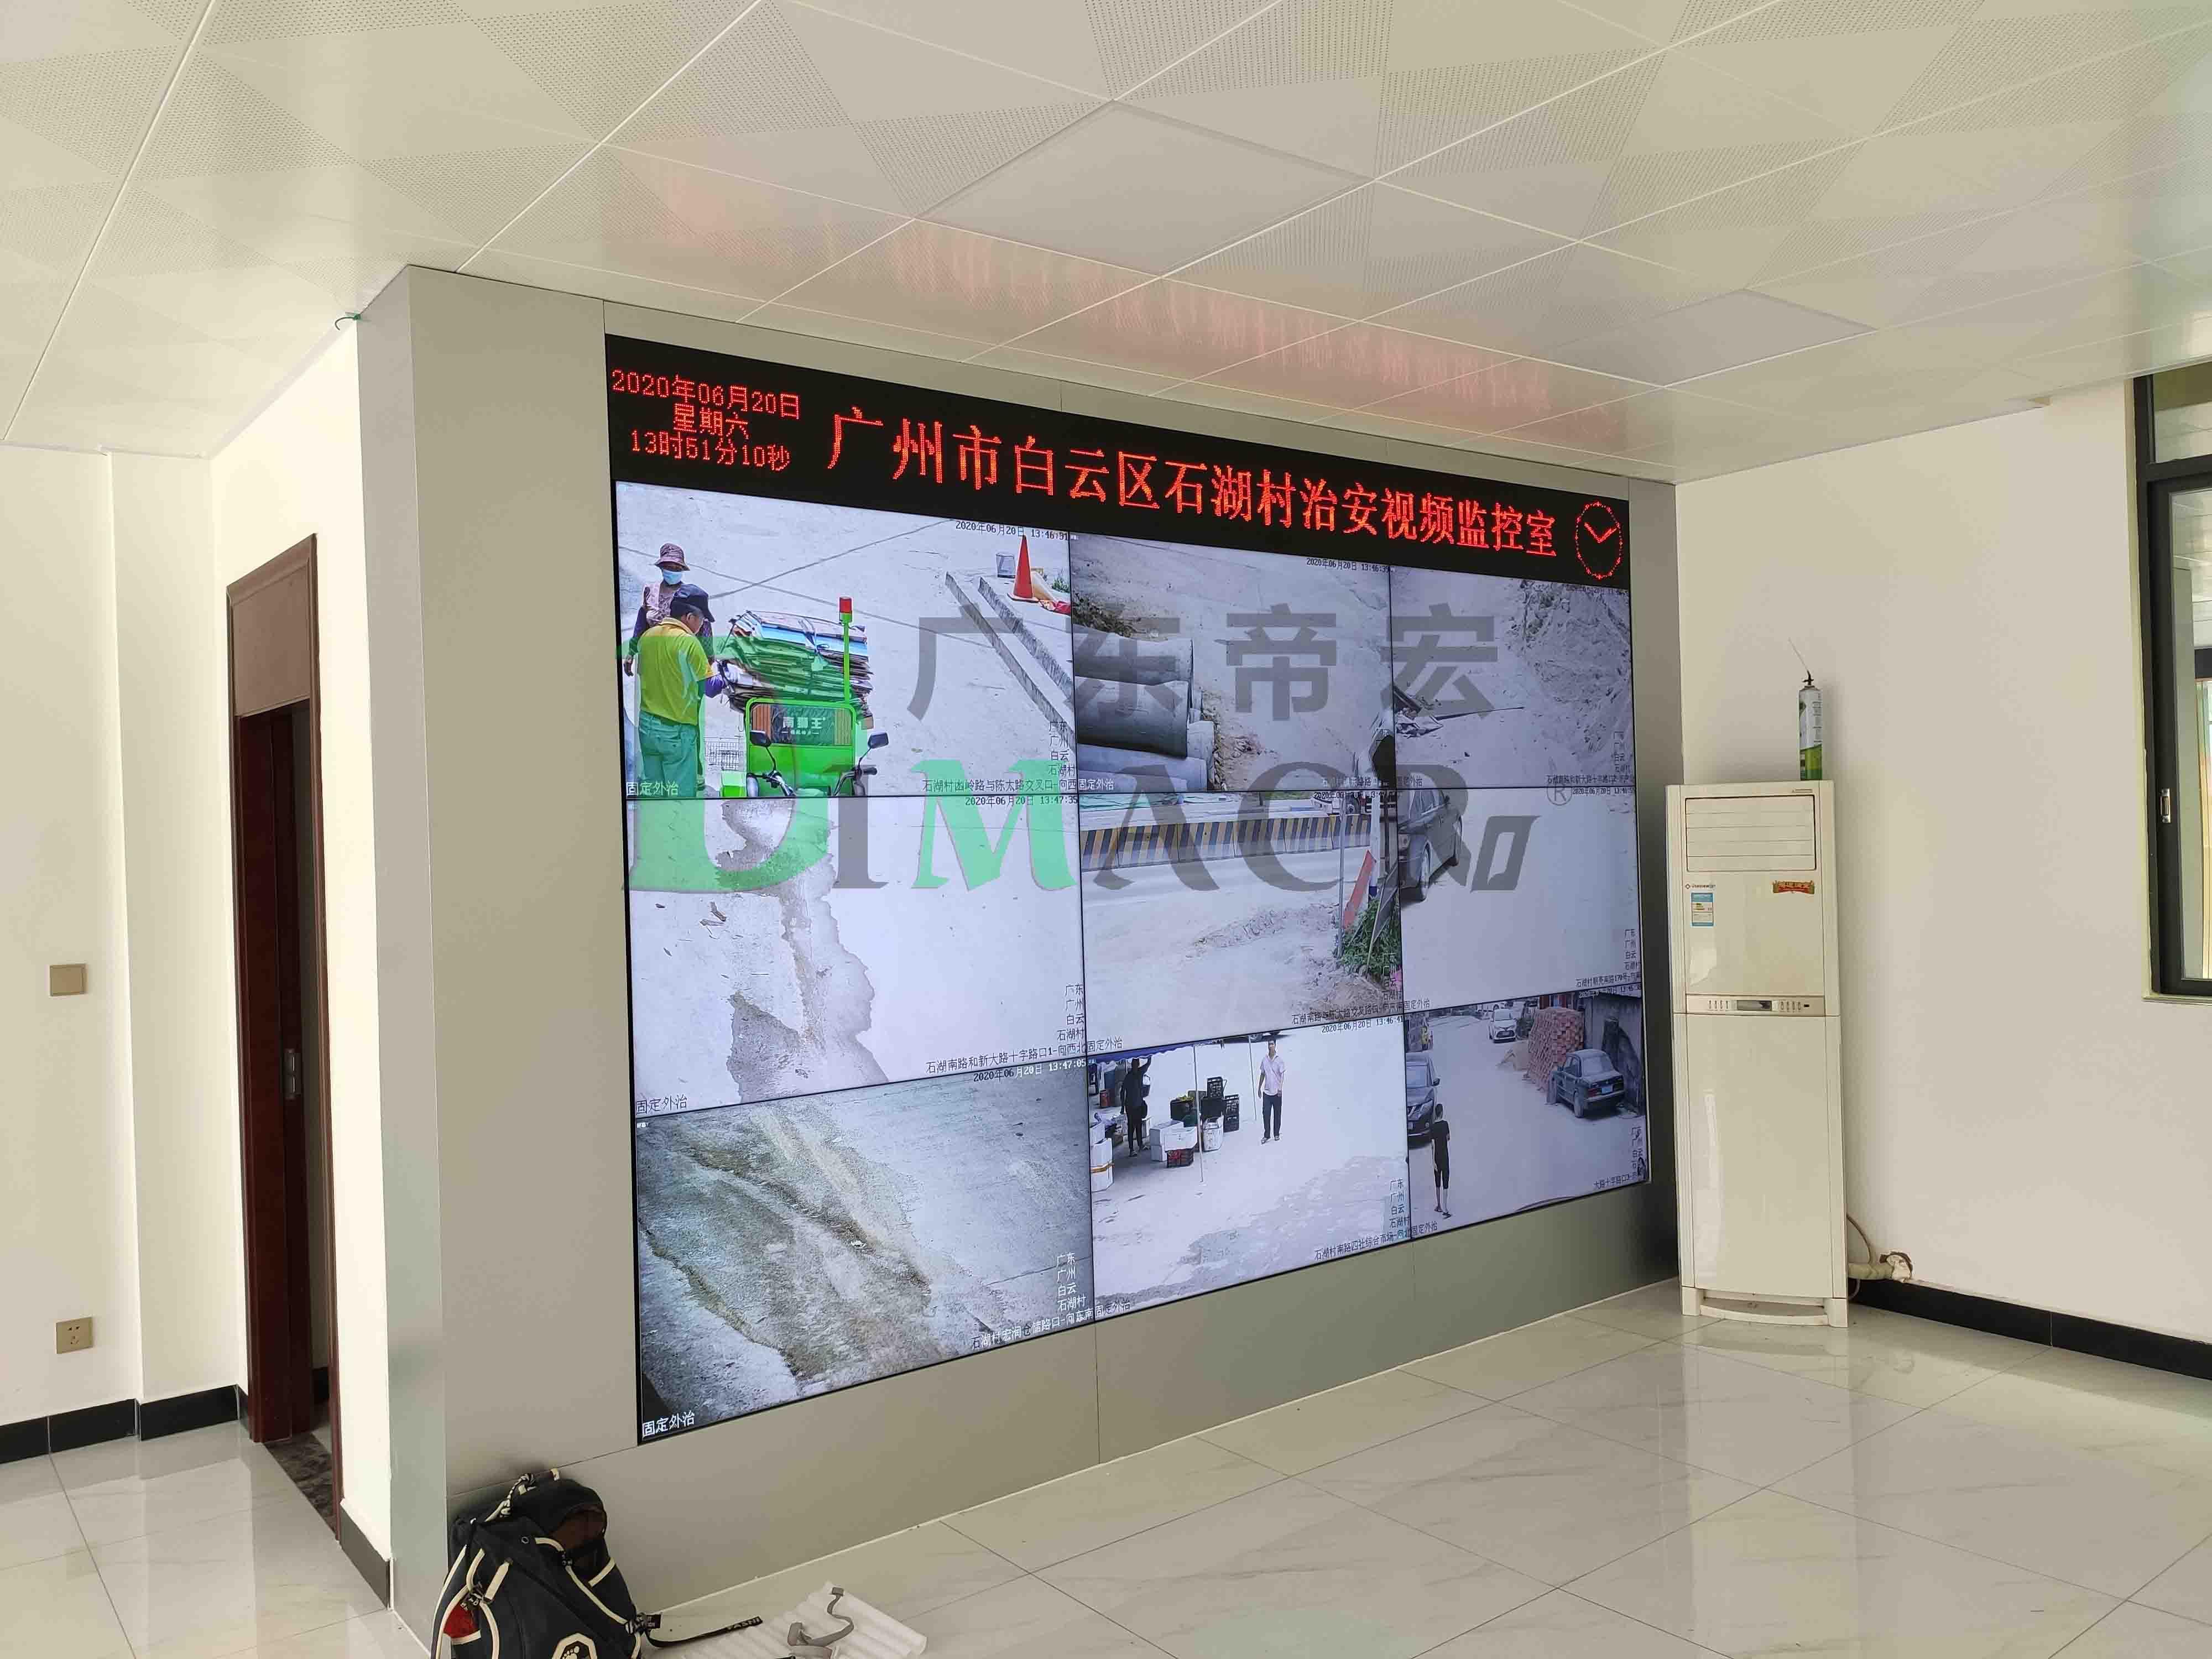 广州白云石湖村治安视频监控室拼接屏安装调试完工